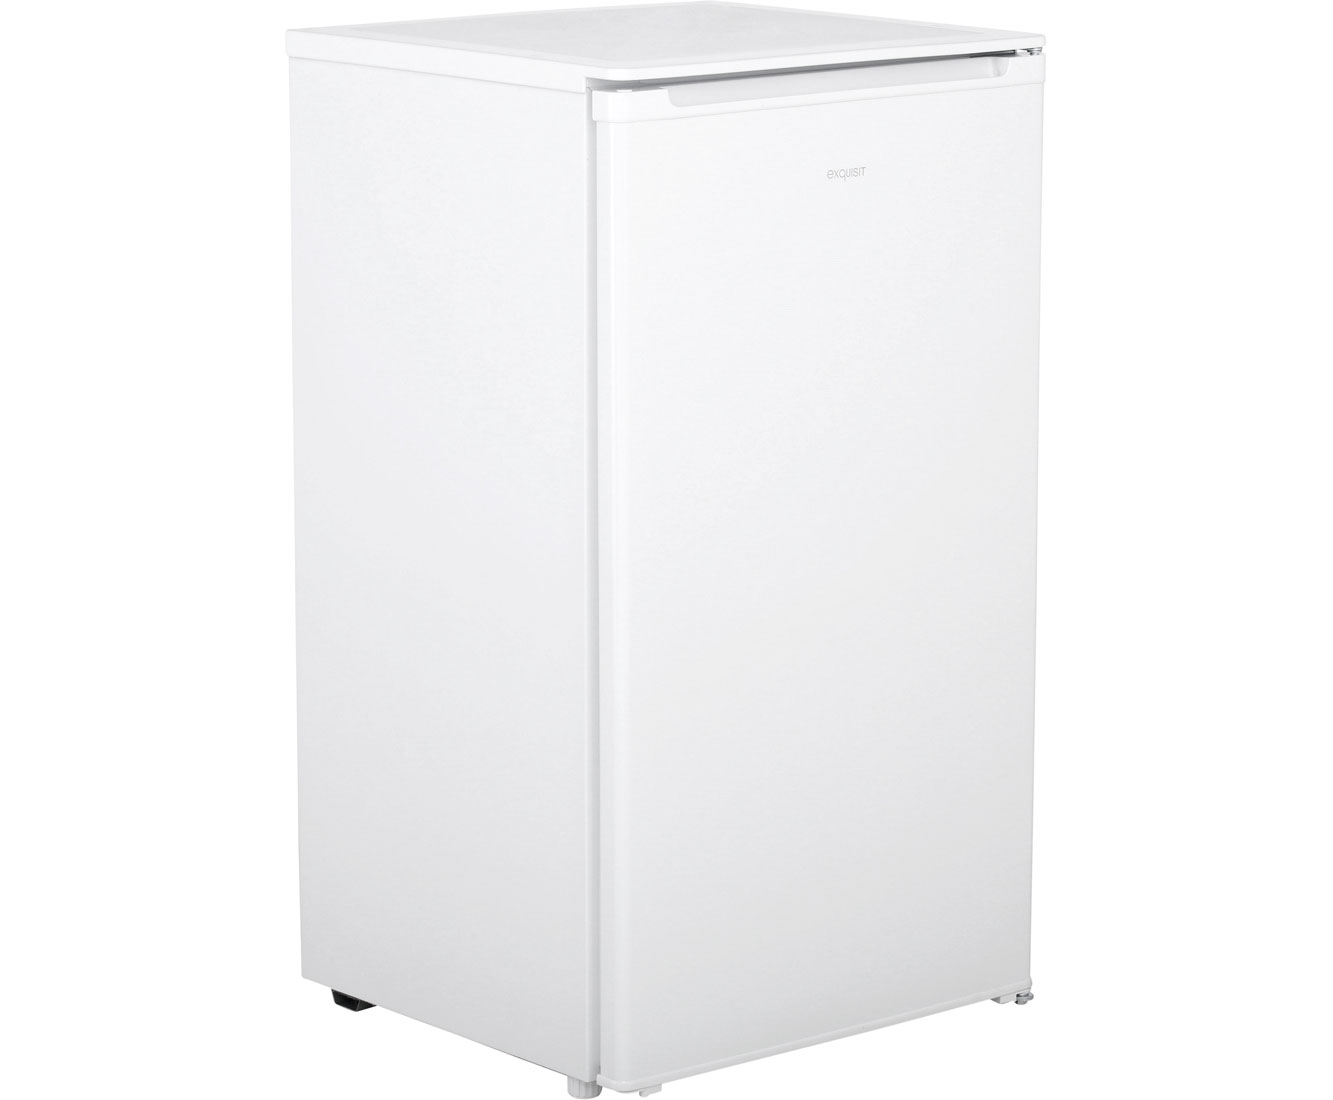 Bomann Mini Kühlschrank Saturn : Küche mit side by side kühlschrank home ideen